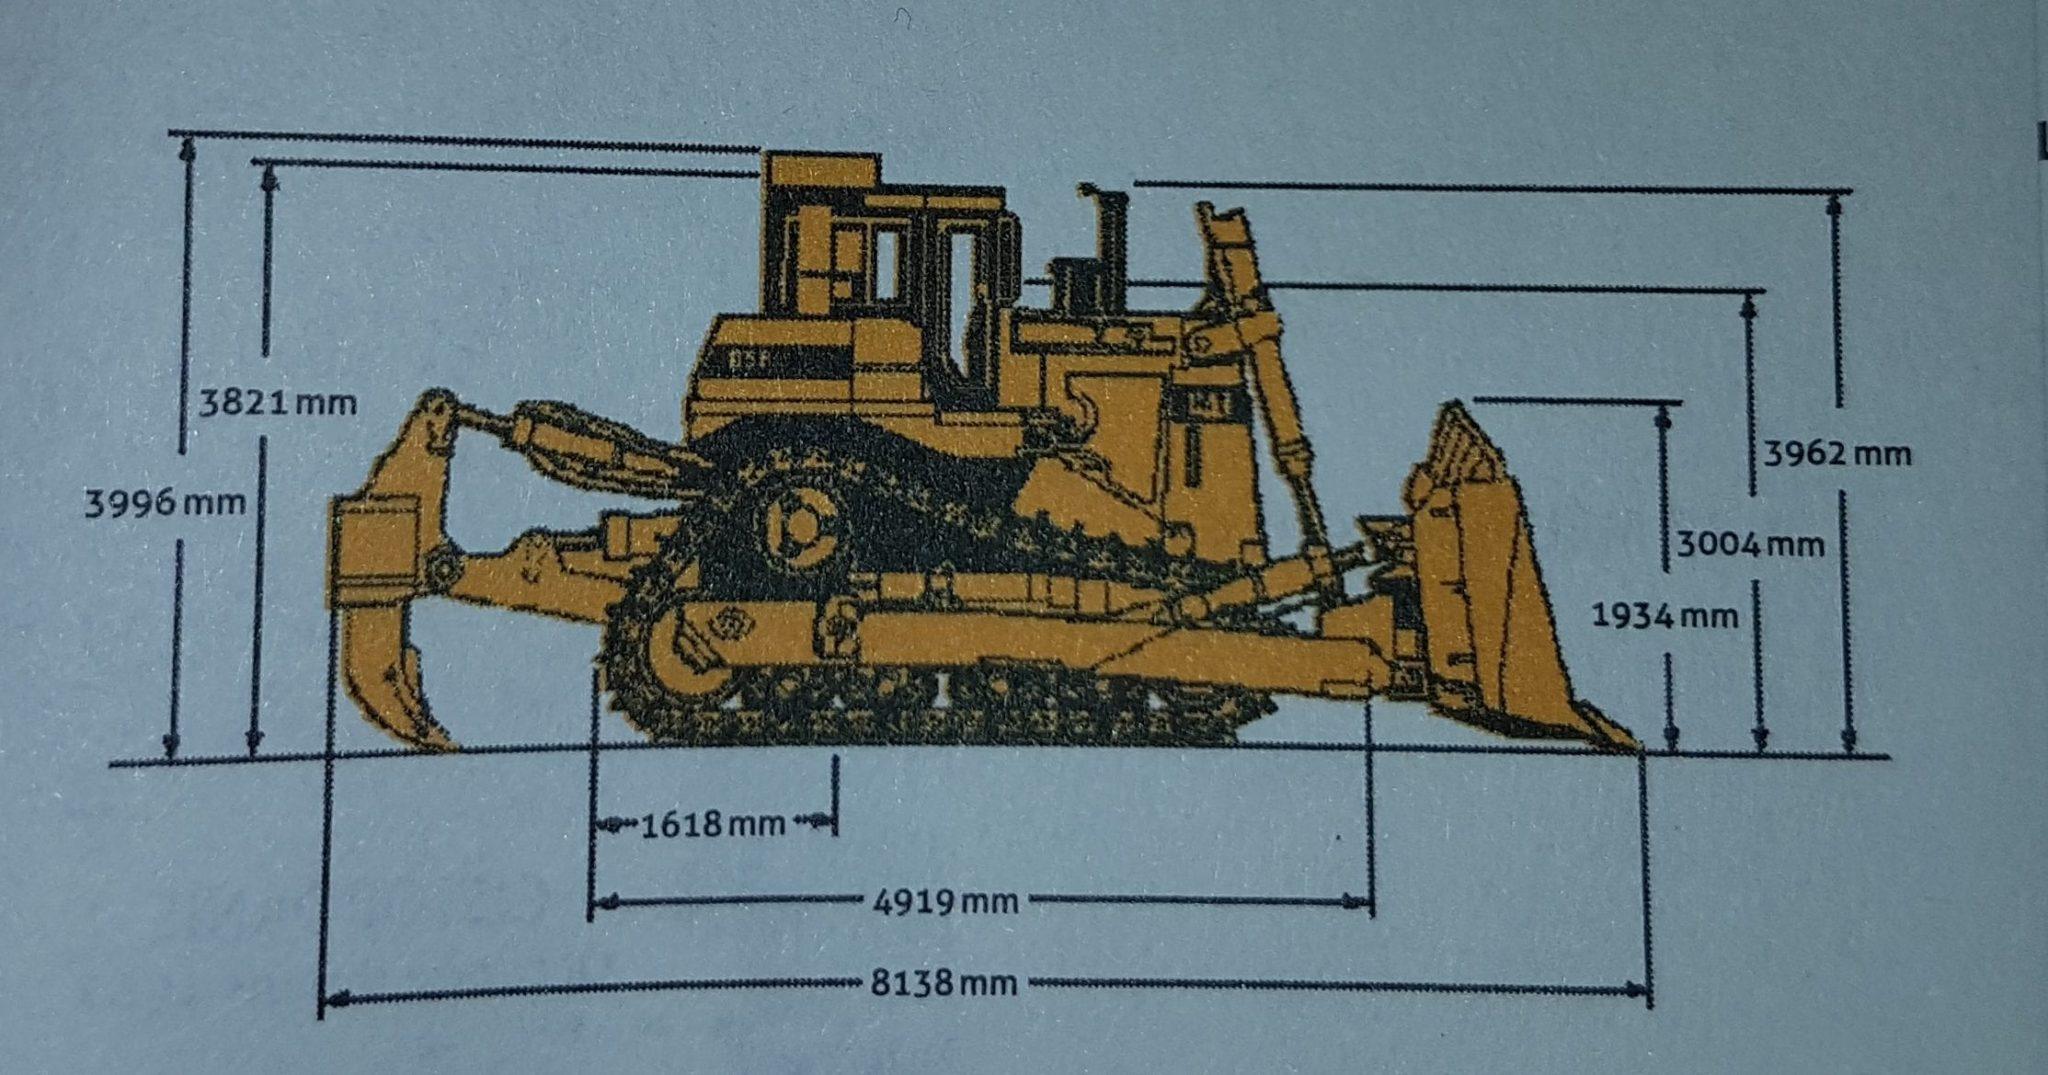 Schéma du bulldozer D9, extrait de la La Politique du Bulldozer (Collection Territoires, Éditions B2), Léopold Lambert.